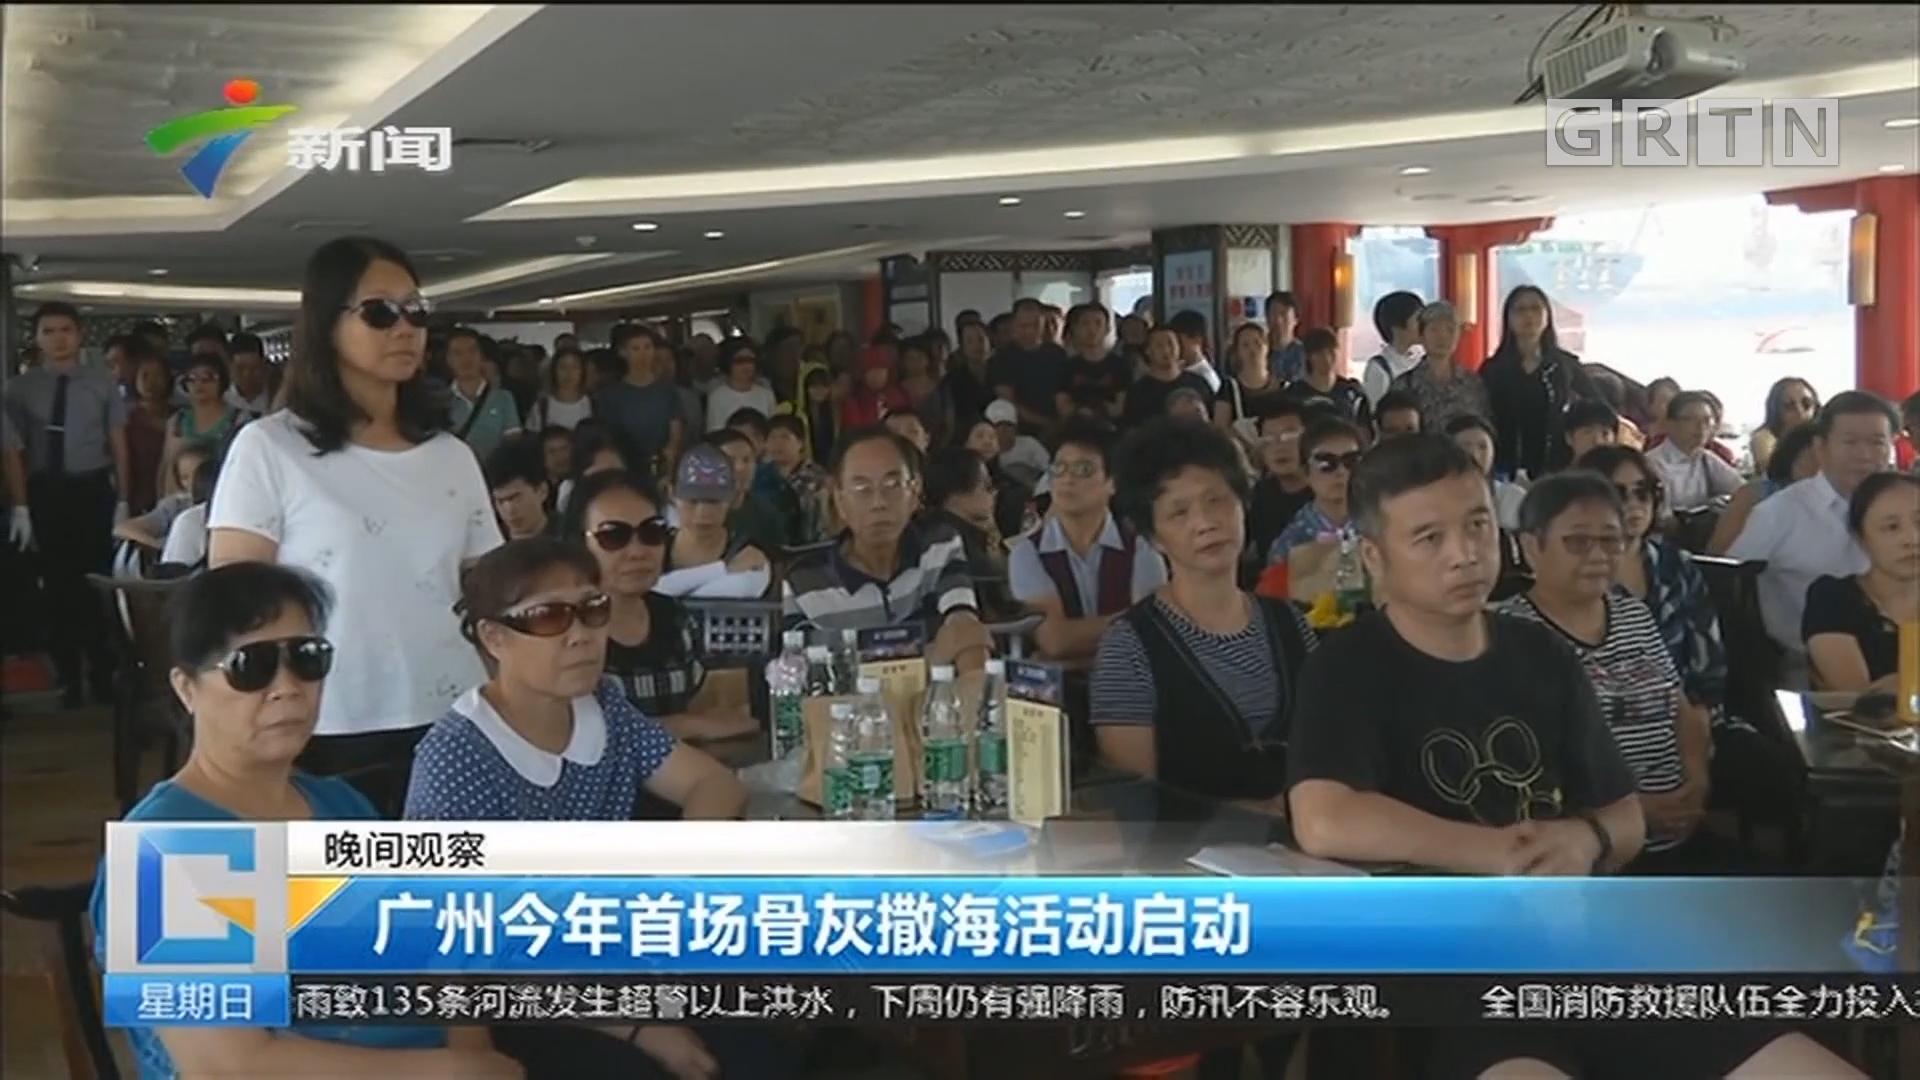 广州今年首场骨灰撒海活动启动